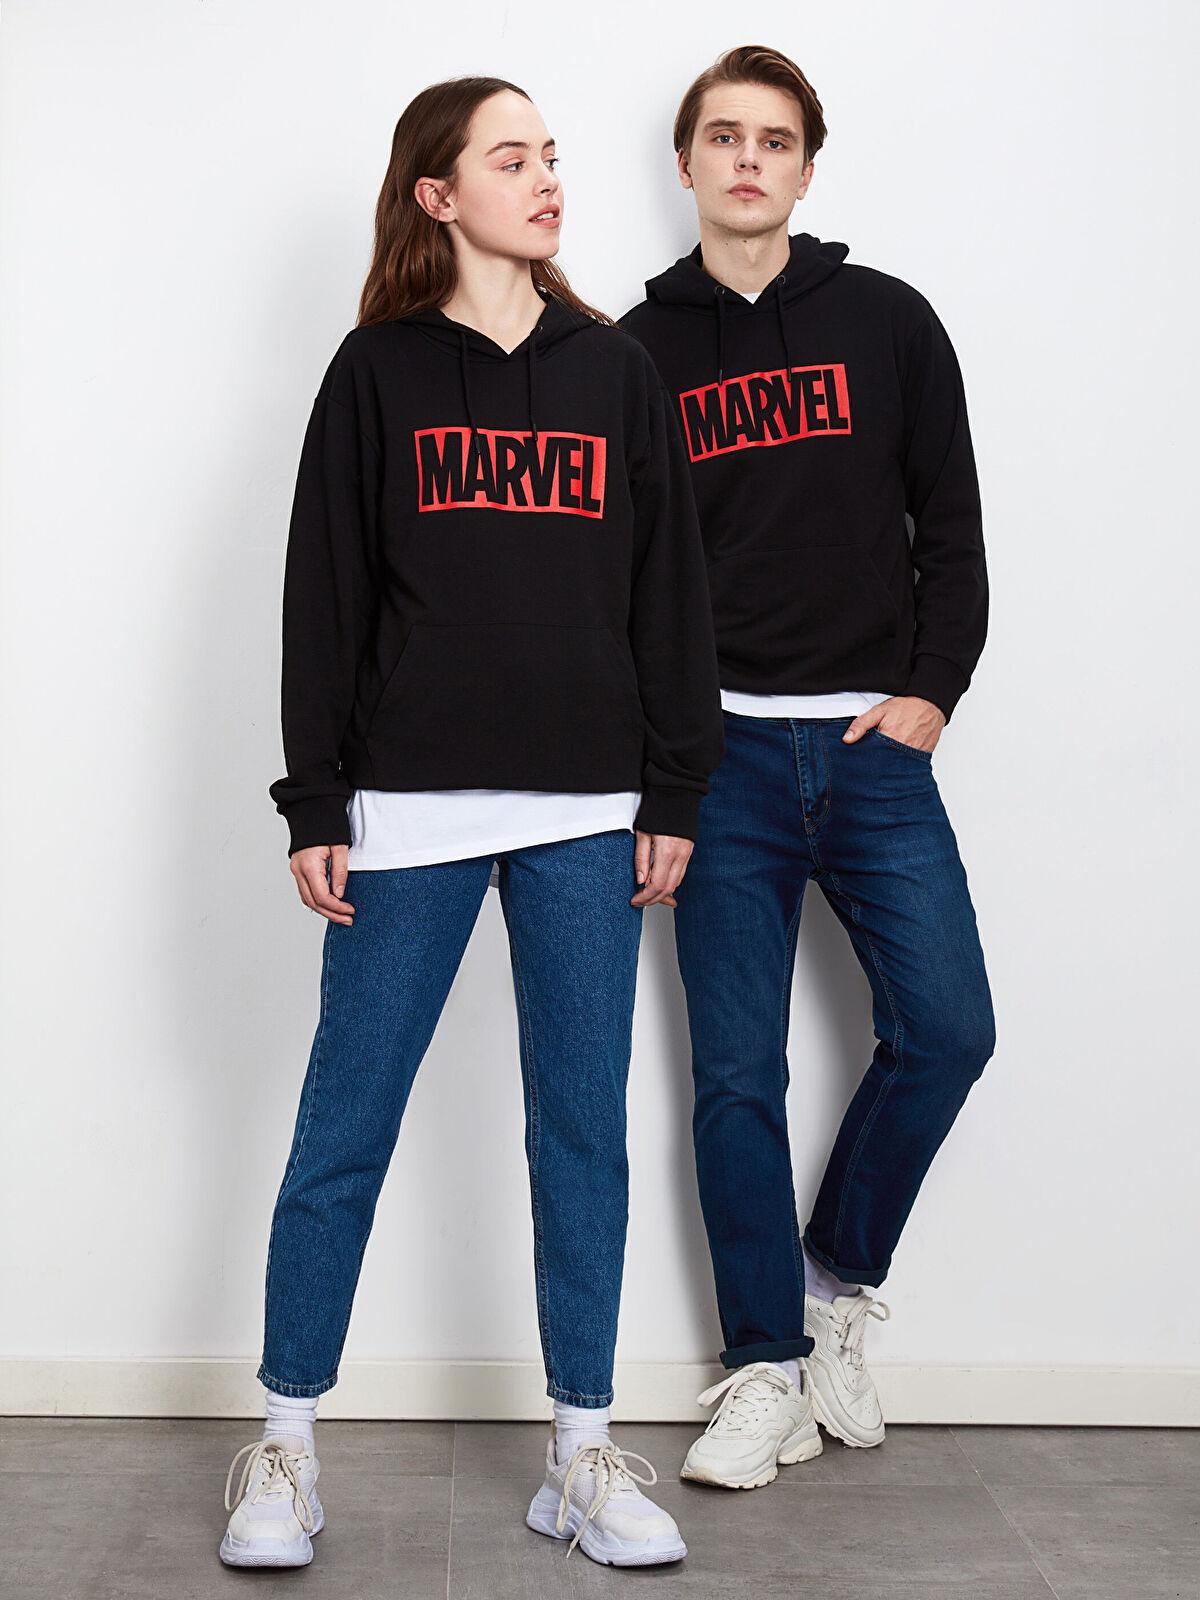 Marvel Baskılı Kapüşonlu Kalın Sweatshirt - LC WAIKIKI